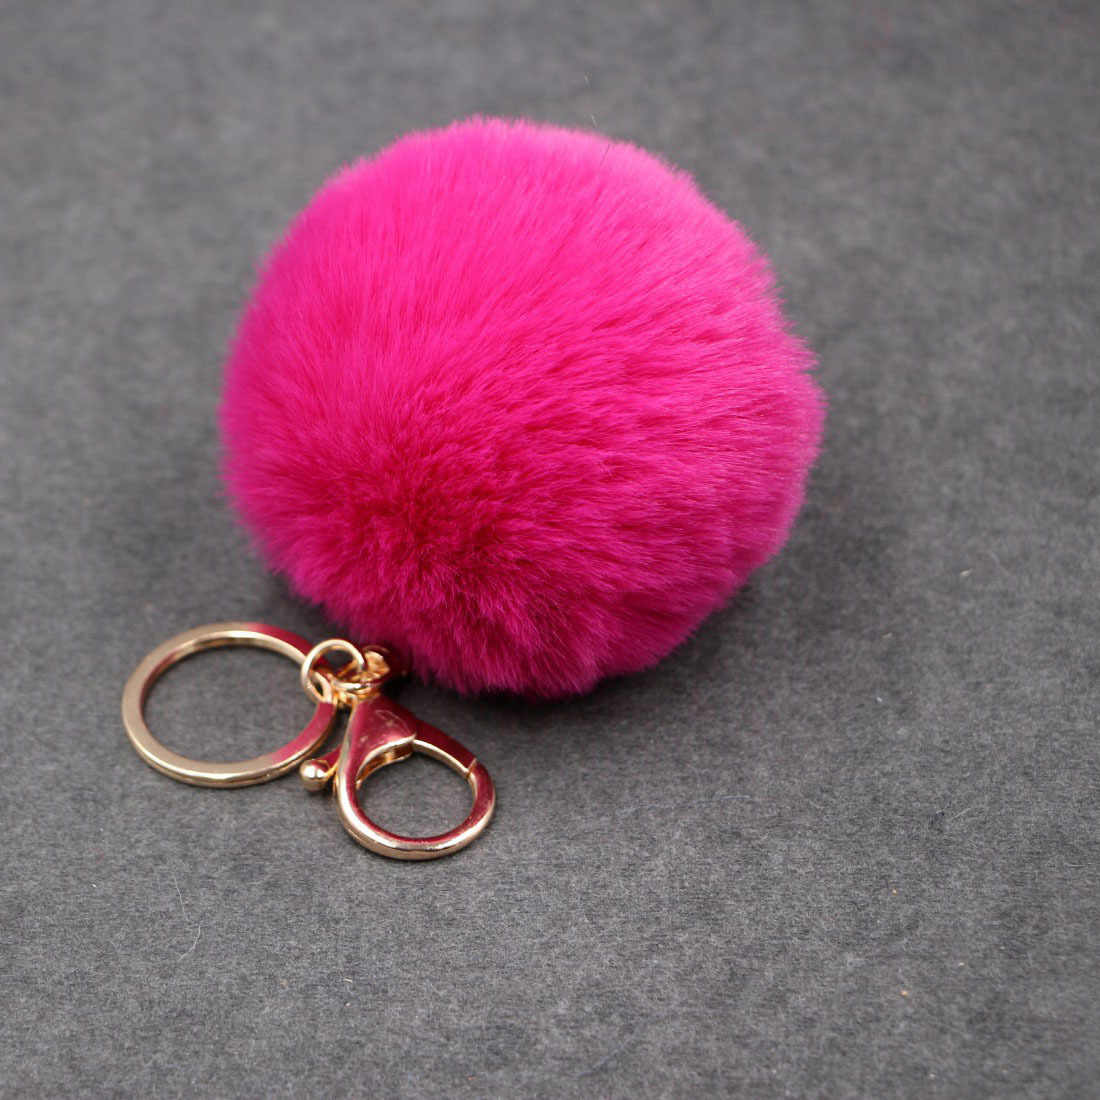 8 CM 20 Cores Pompom Fofo Chaveiro Bola de Pêlo de Coelho Bonito Creme Preto Artificial Pele De Coelho Chaveiro Carro Das Mulheres saco do Anel Chave